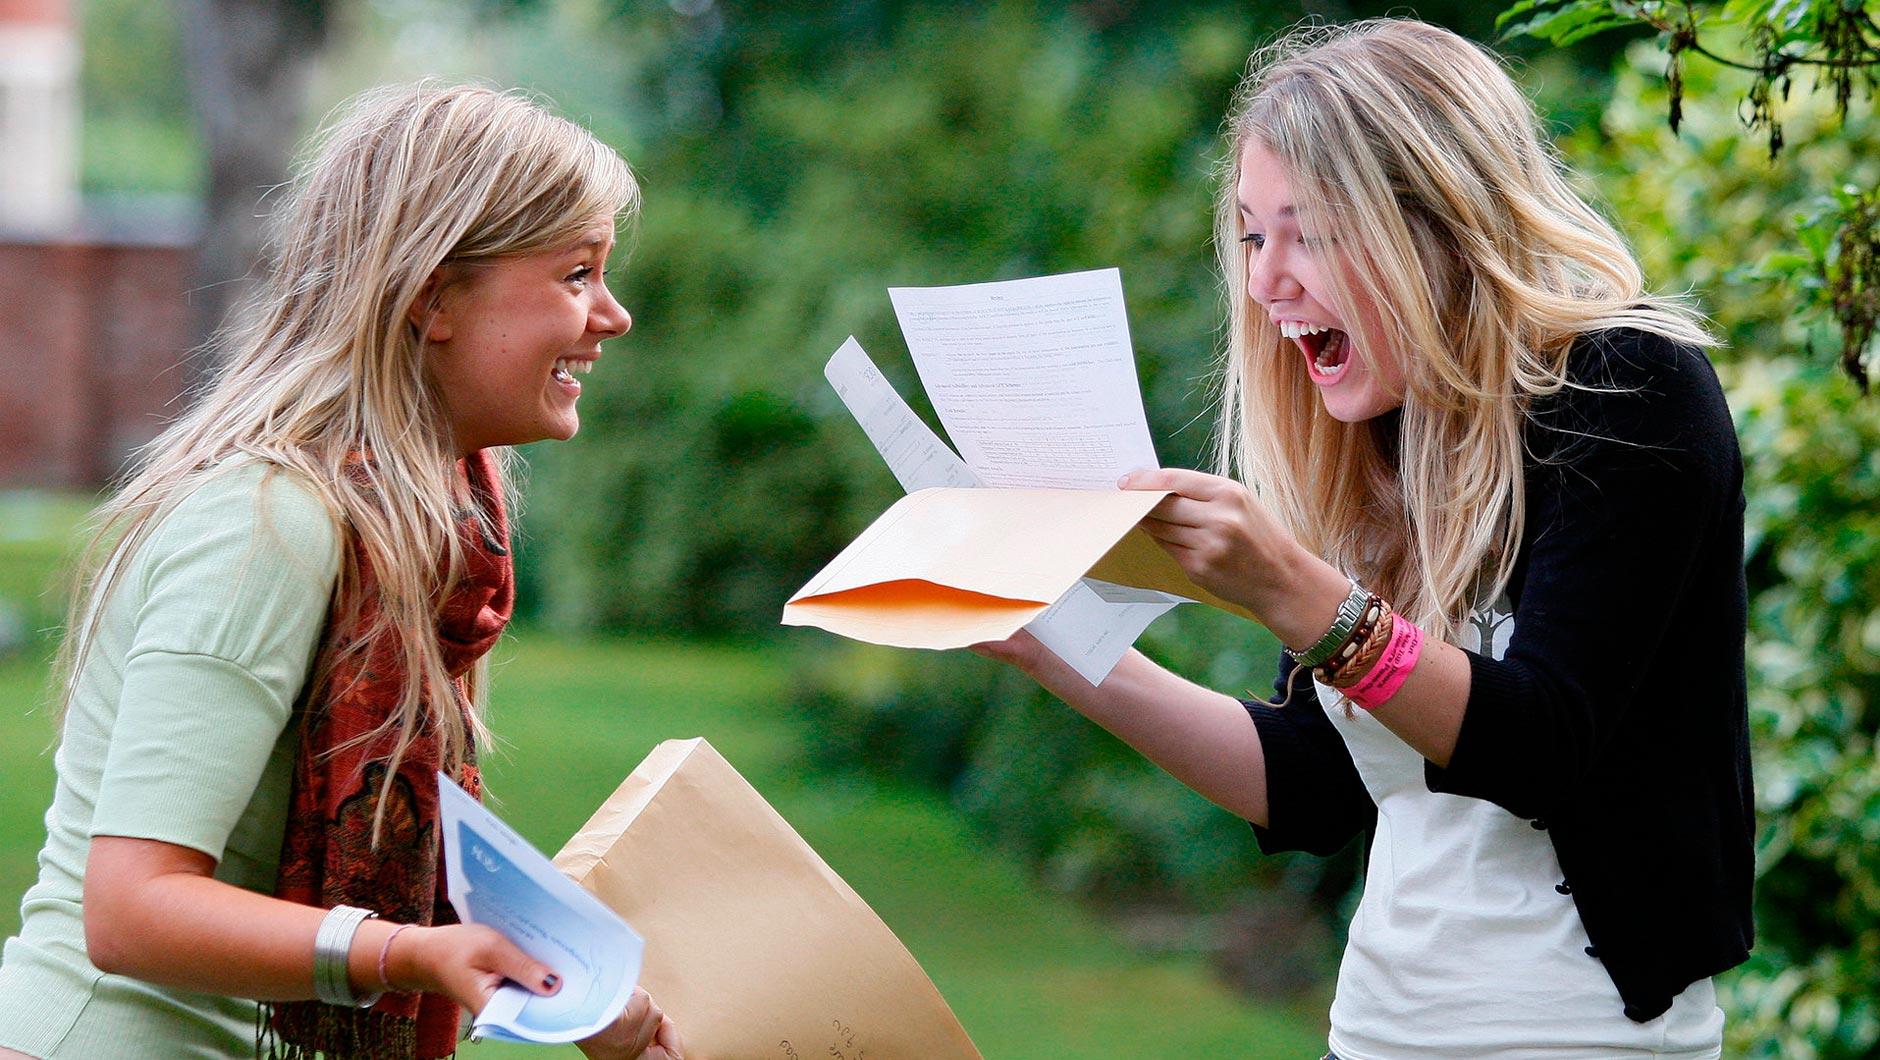 Как поступить в США: необходимые документы и шансы на стипендию